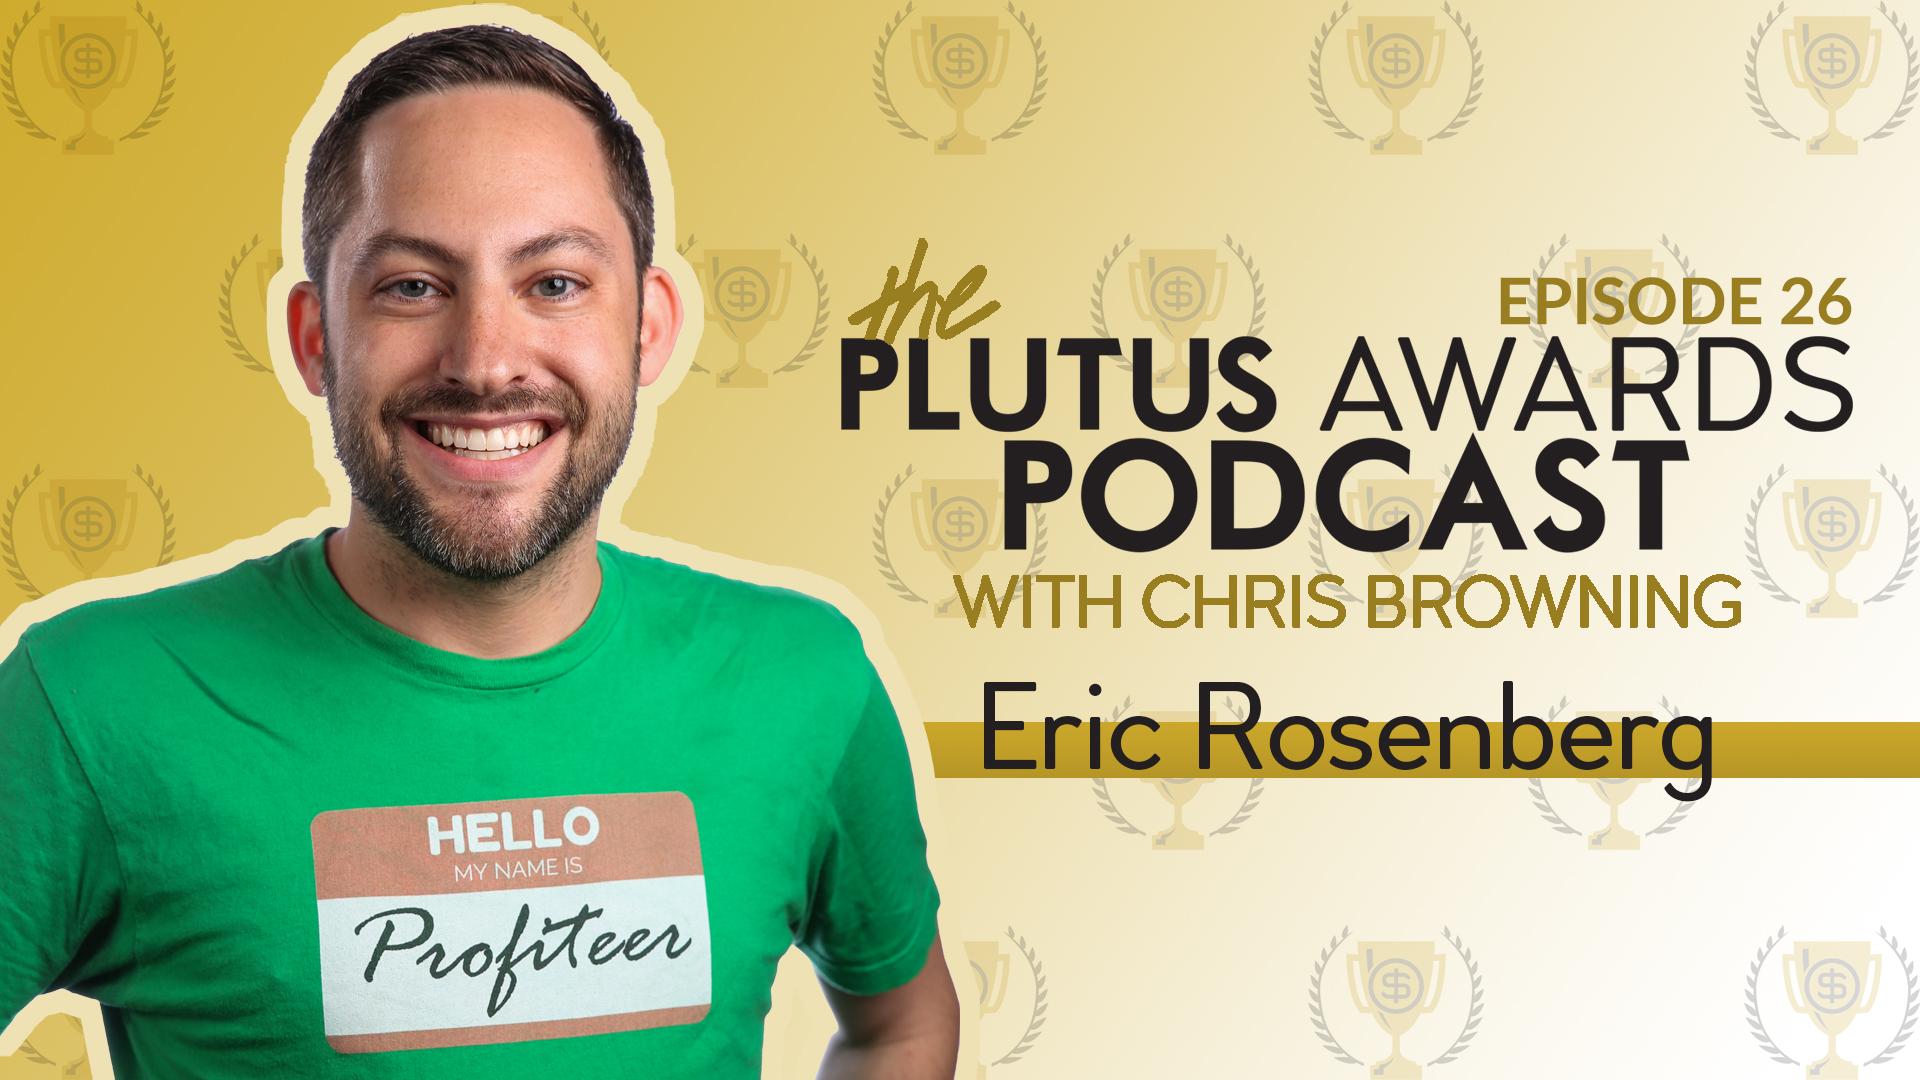 Plutus Awards Podcast Eric Rosenberg Featured Image